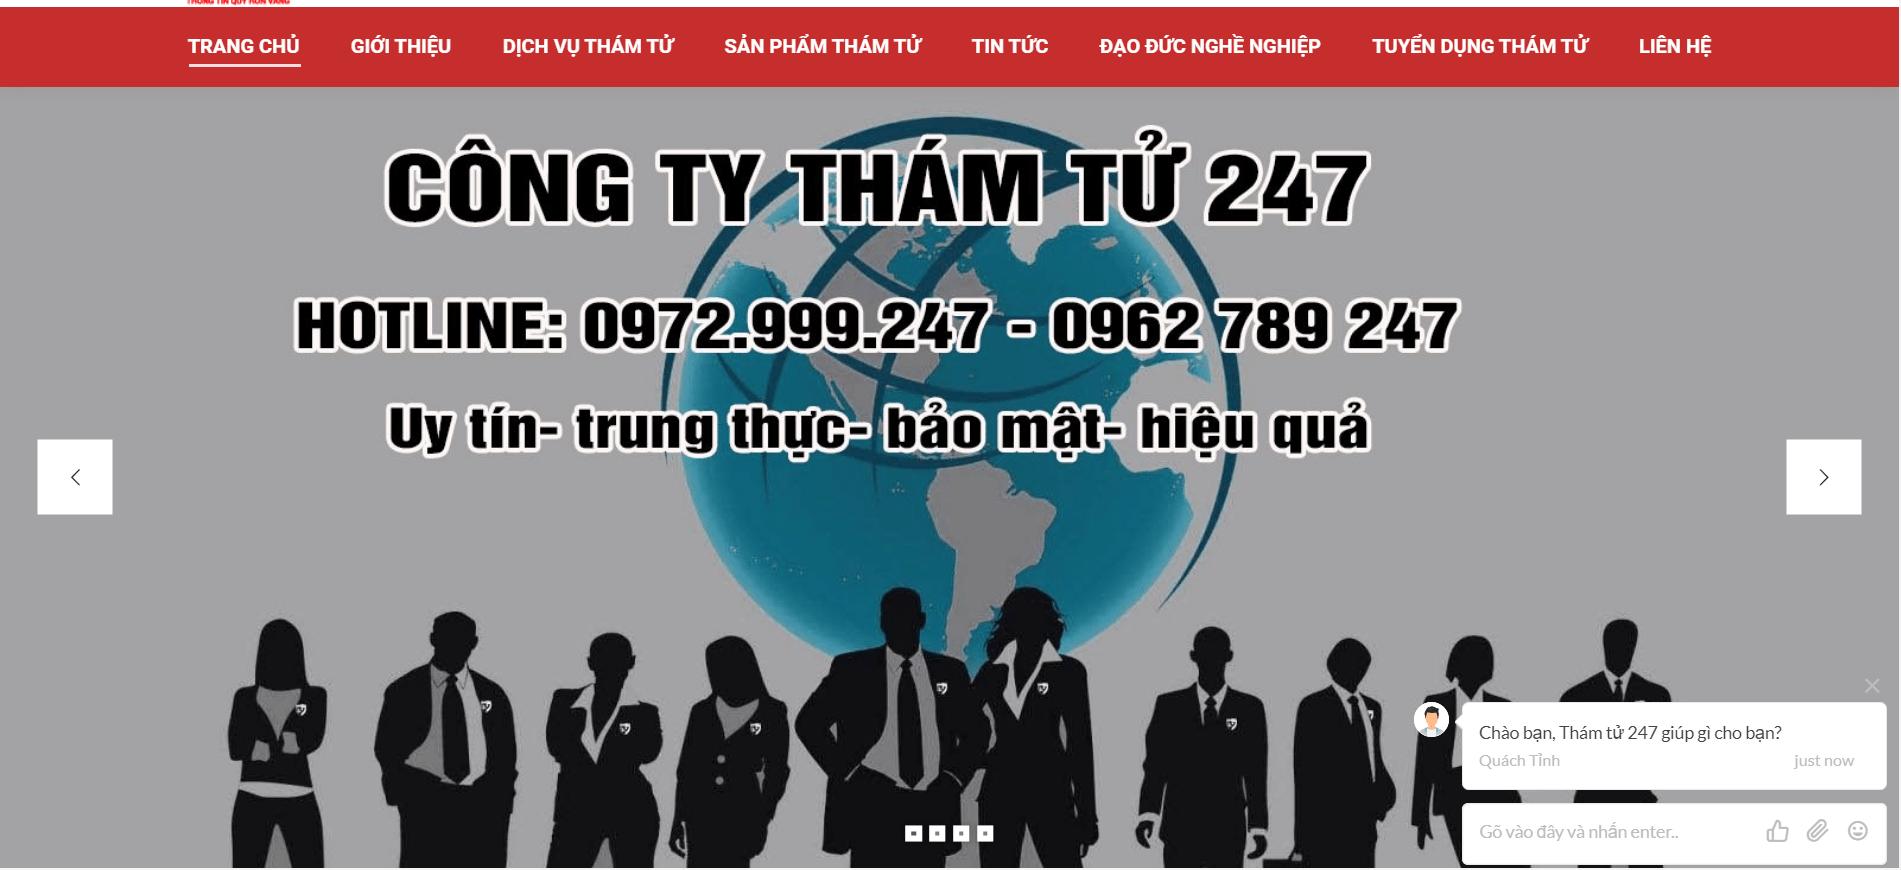 Thám tử 247 Hà Nội